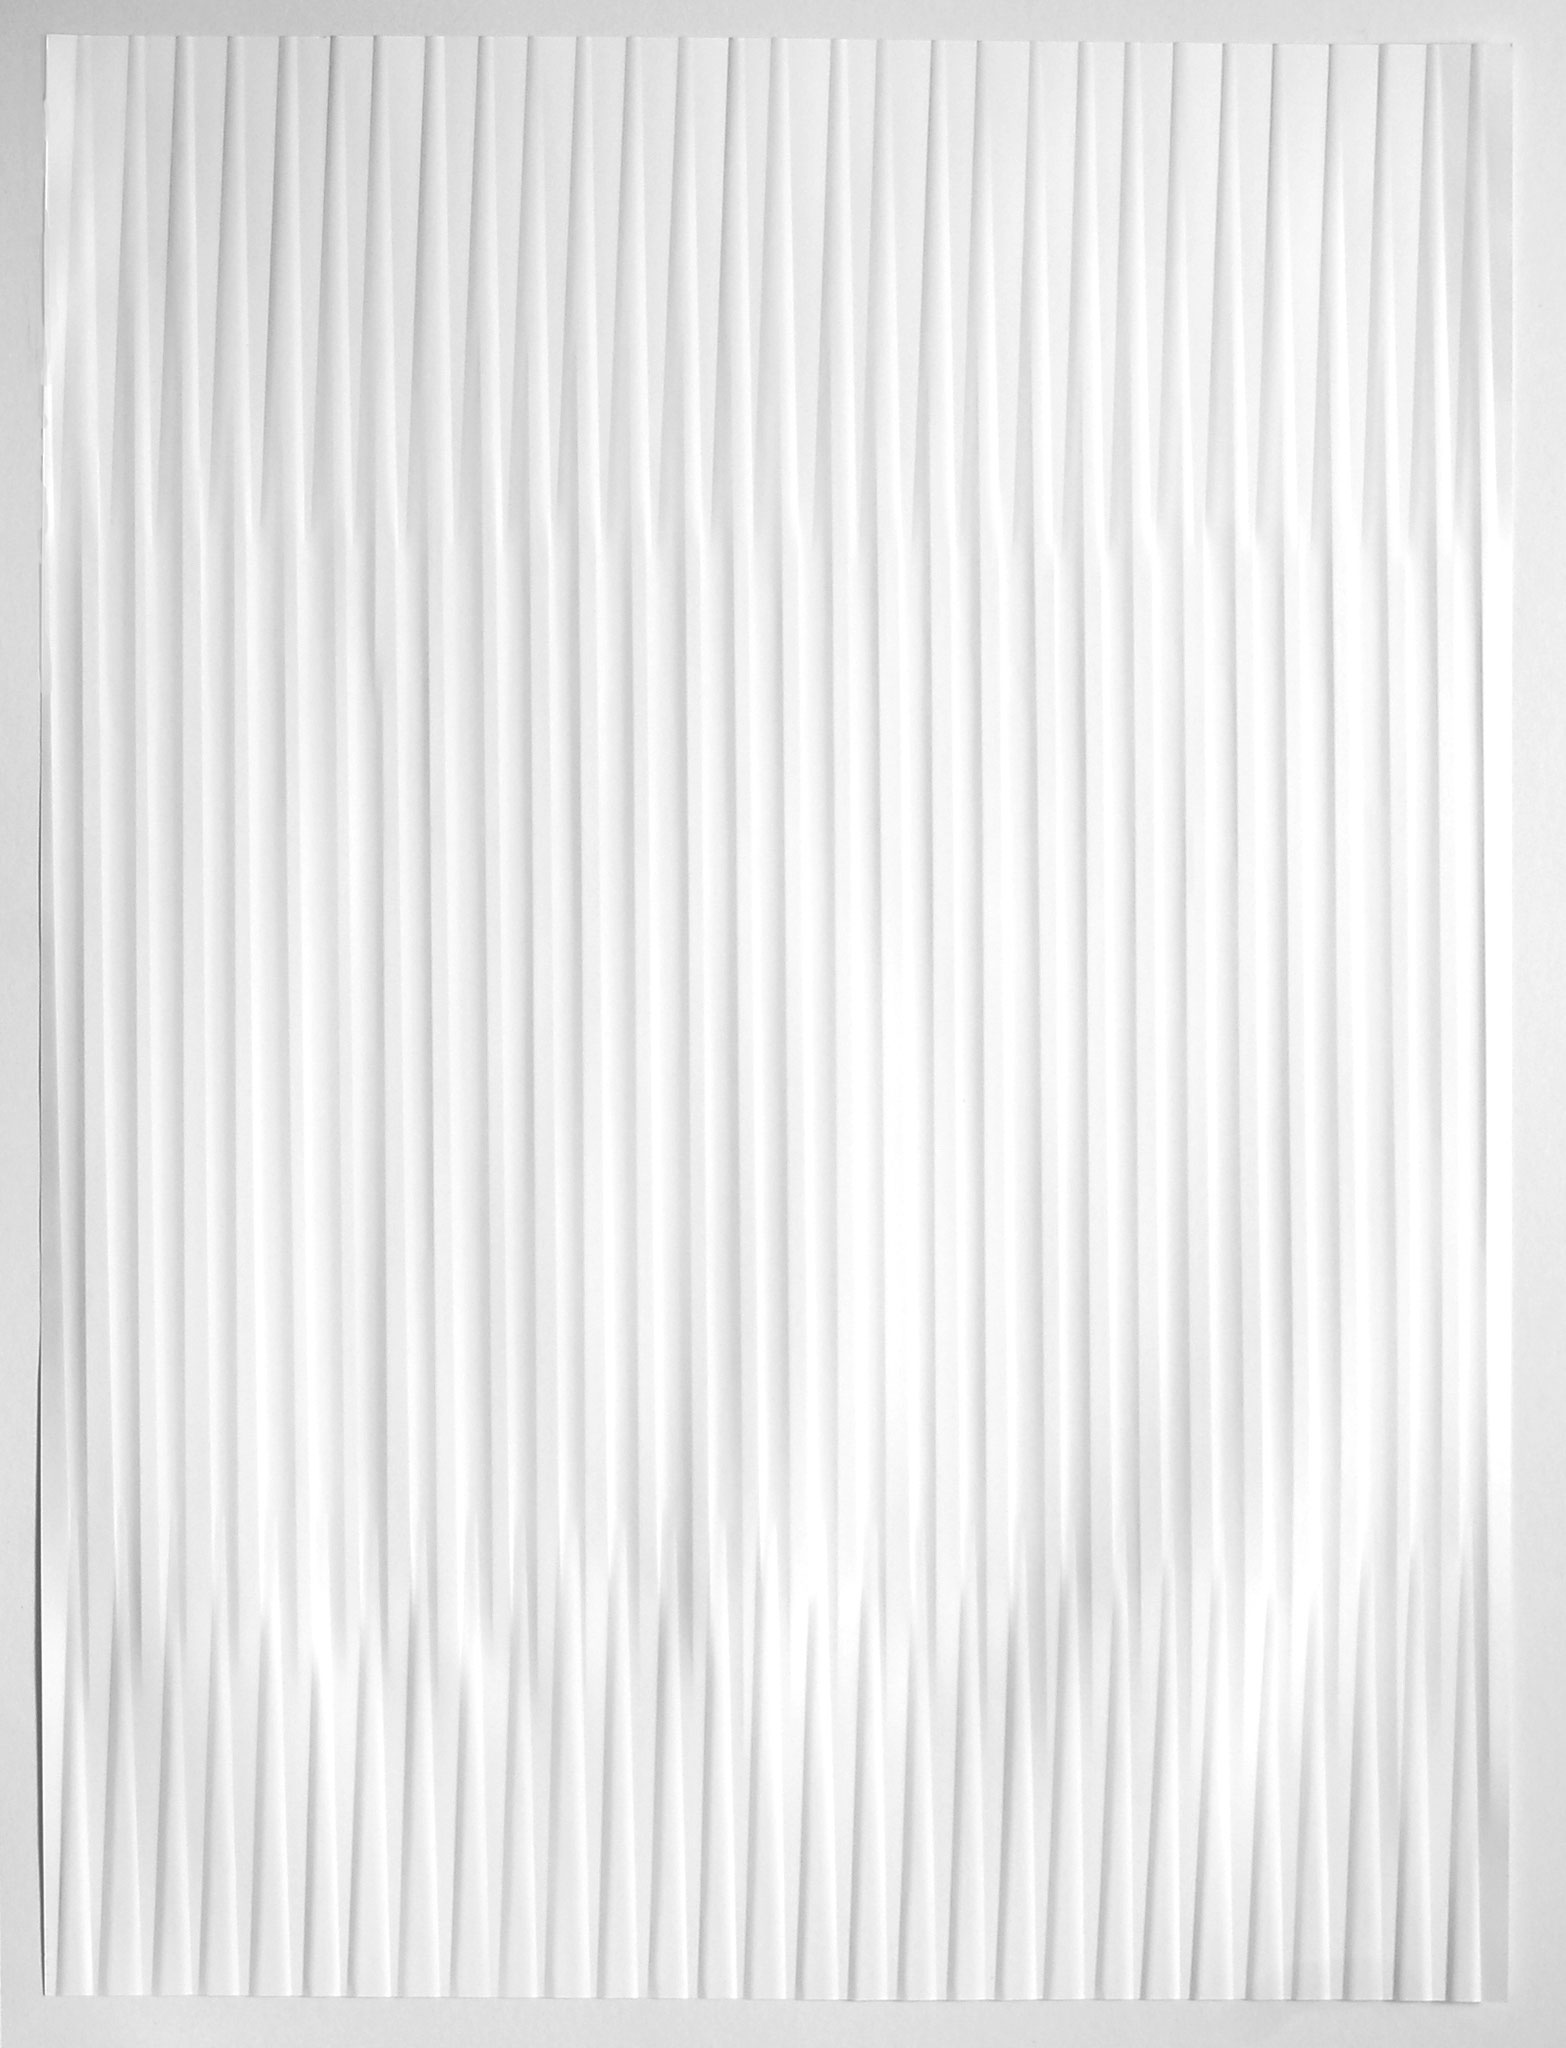 lines P40, 2019, Papier gefalzt, 59,5 x 77,0 cm